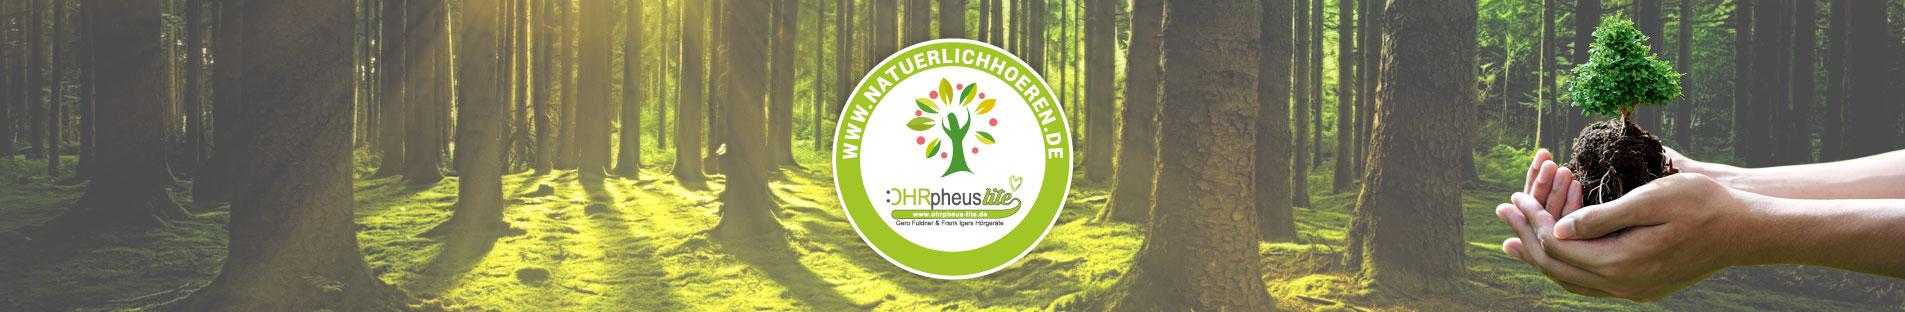 OHRpheus lite Umweltaktion Hero